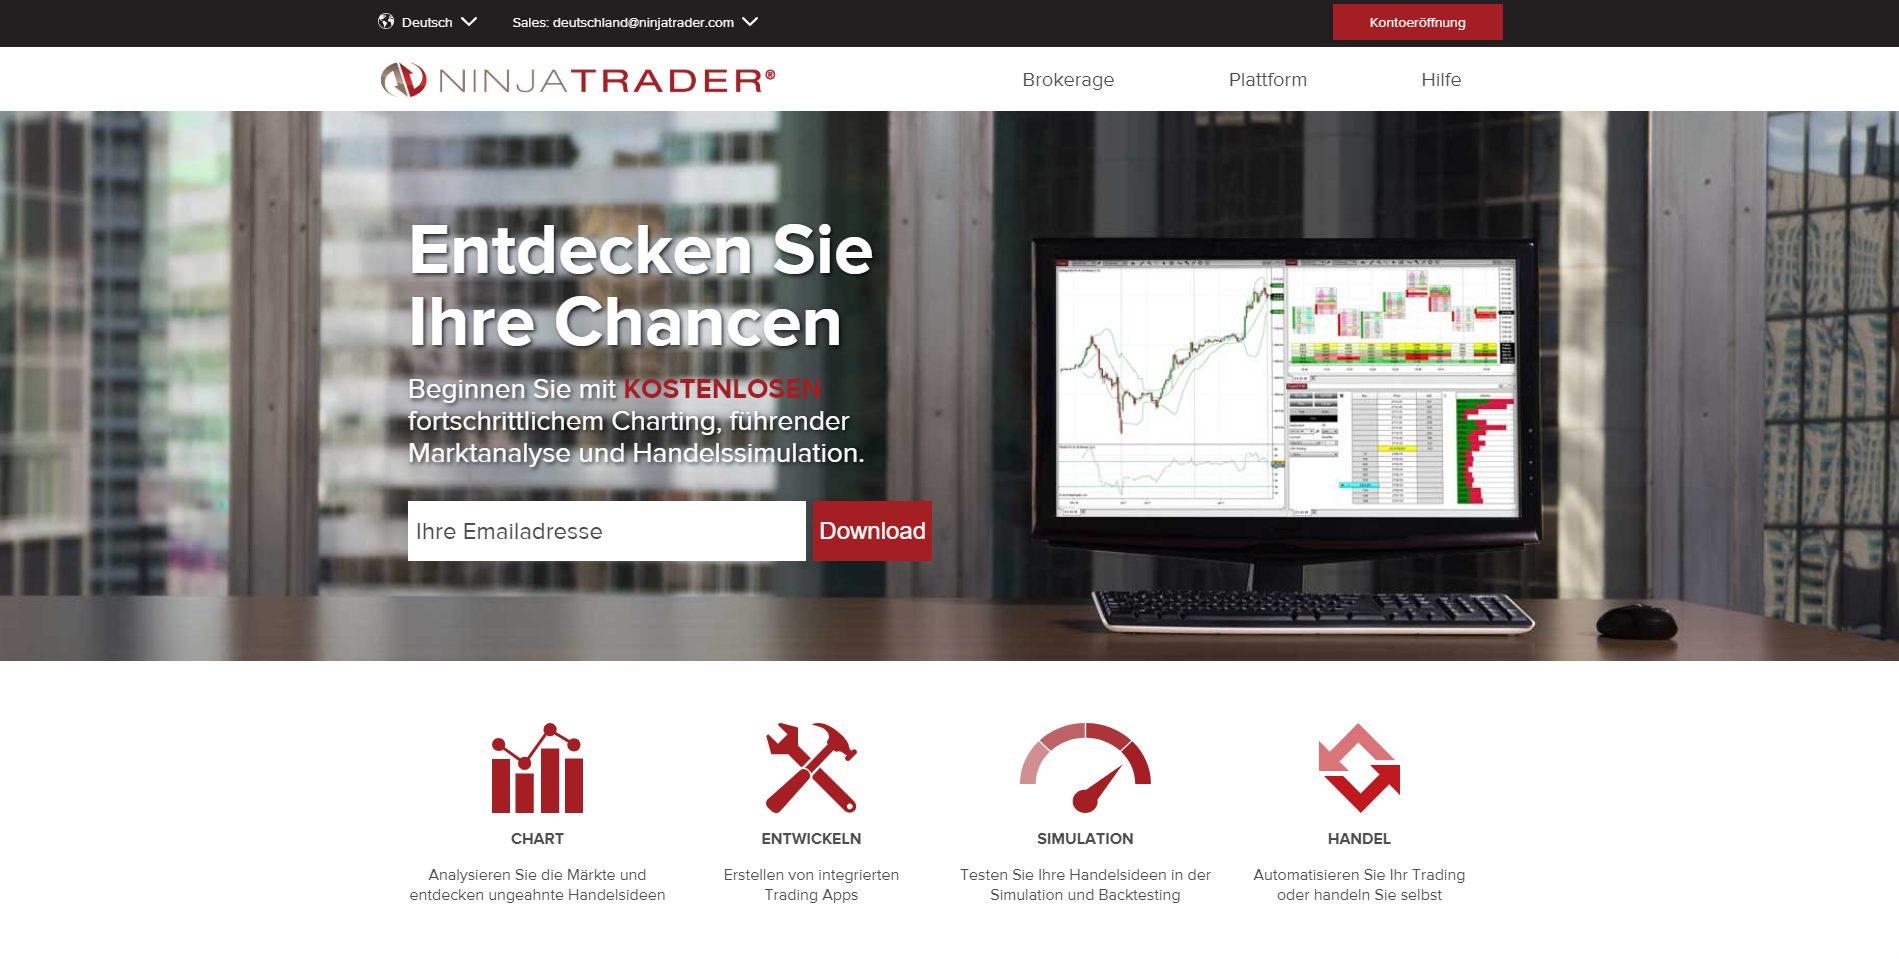 NinjaTrader Webseite